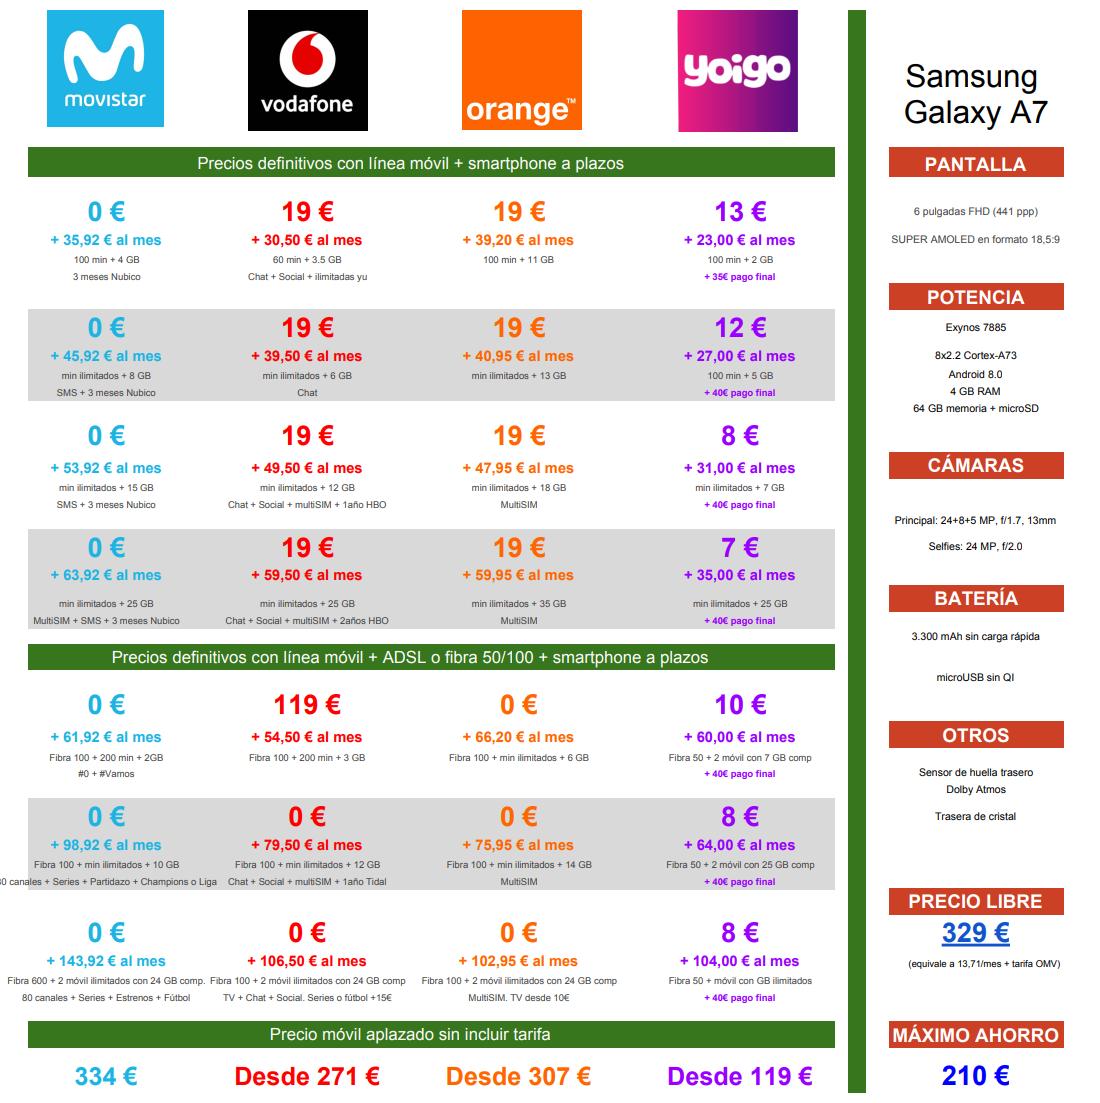 Comparativa precios Galaxy A7